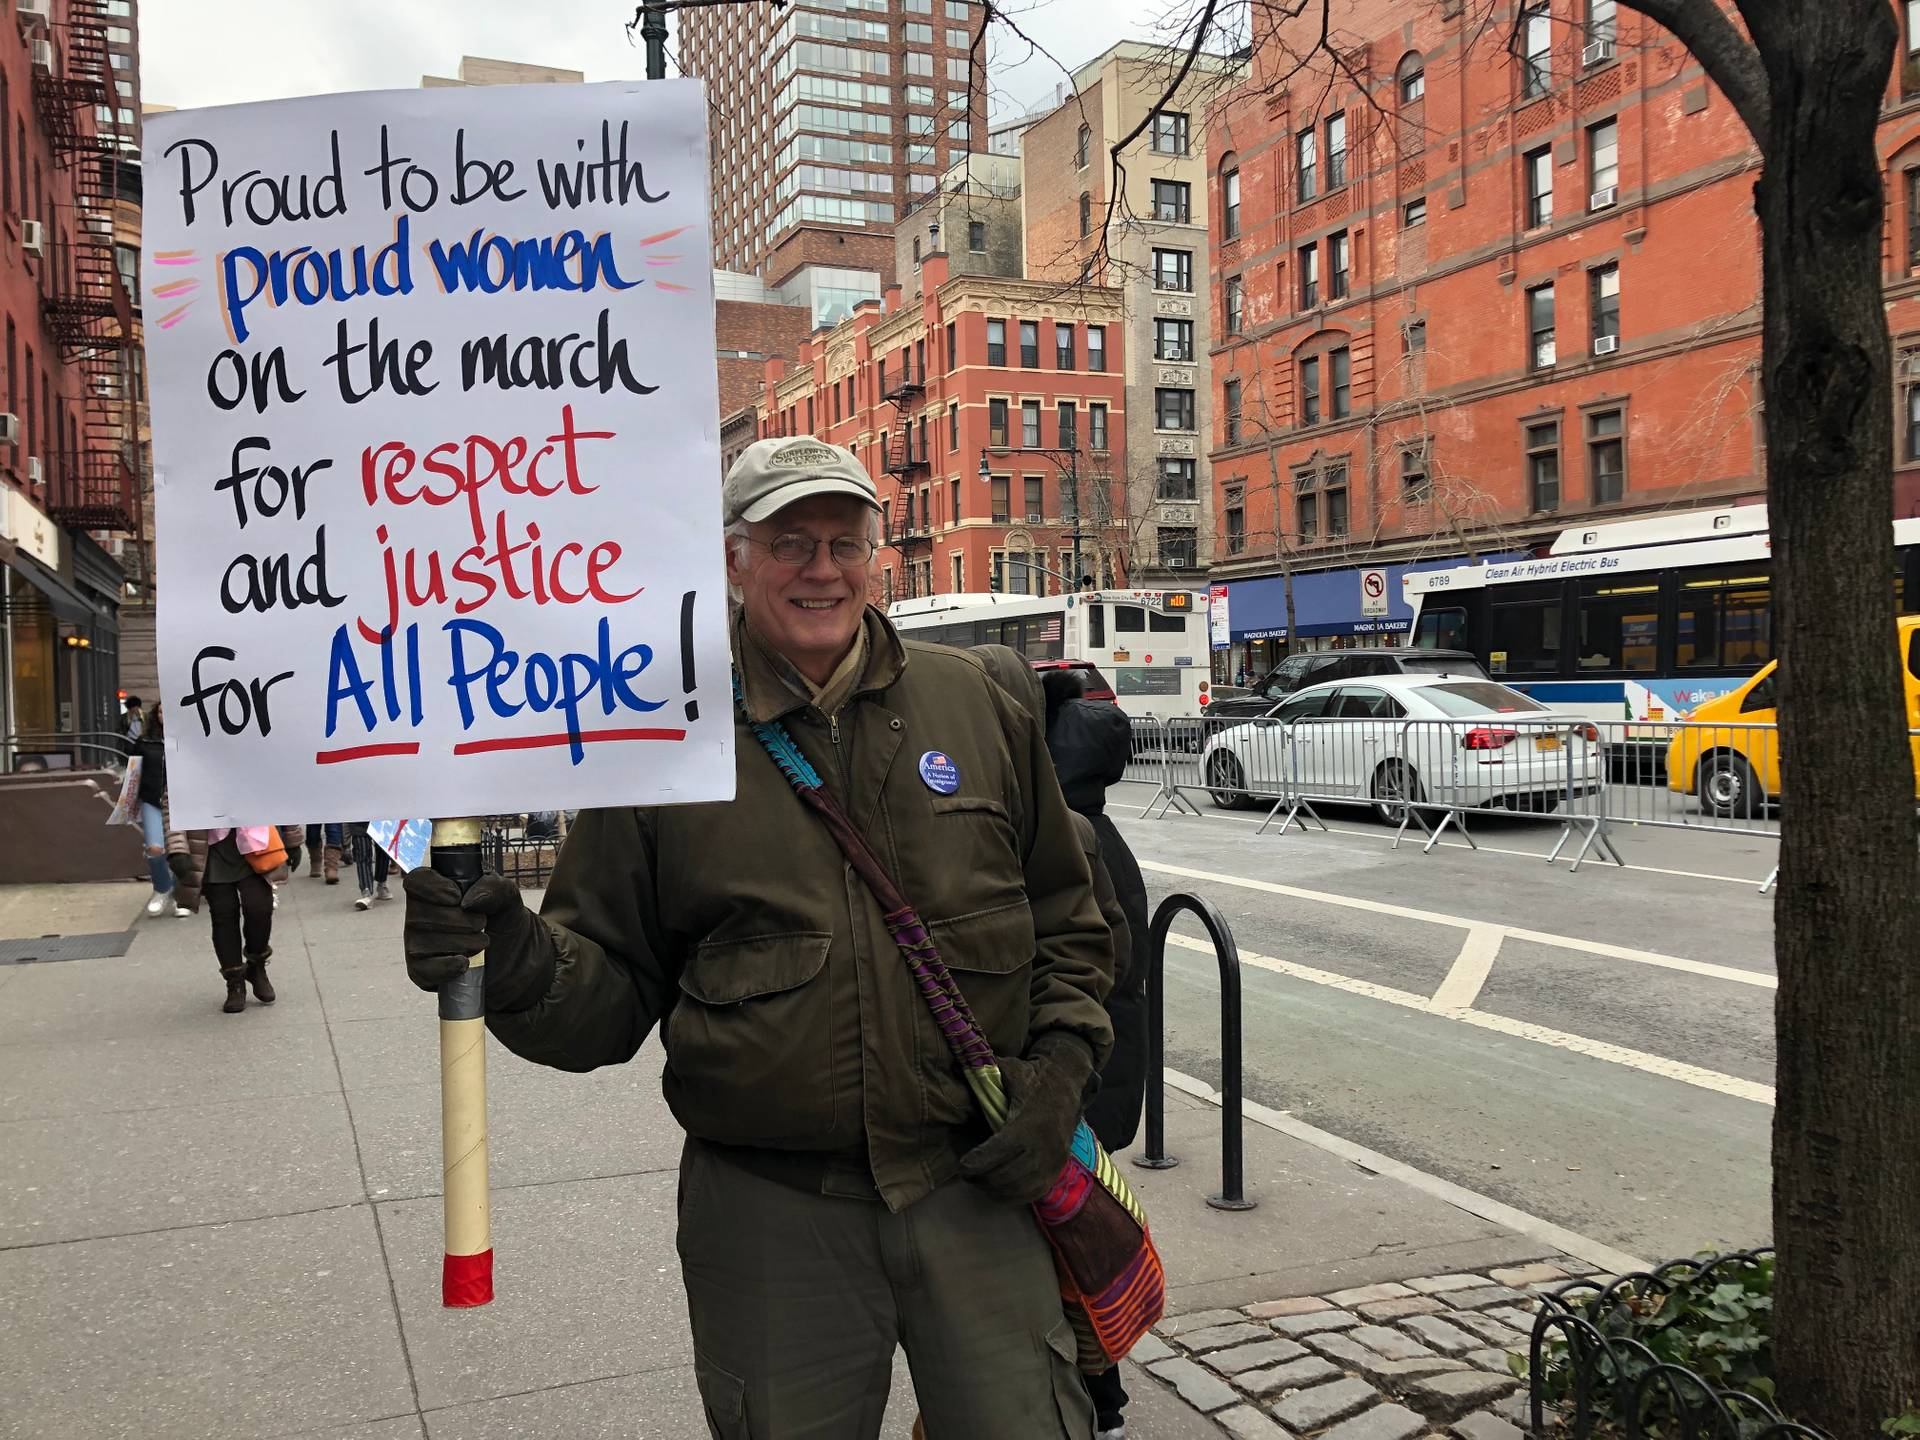 Proud to be with proud women on the march for respect and justice for ALL PEOPLE — «Гордий марширувати з гордими жінками заради поваги і справедливості для всіх» — напис напис на плакаті учасника третього Жіночого маршу у Нью-Йорку 19 січня 2019